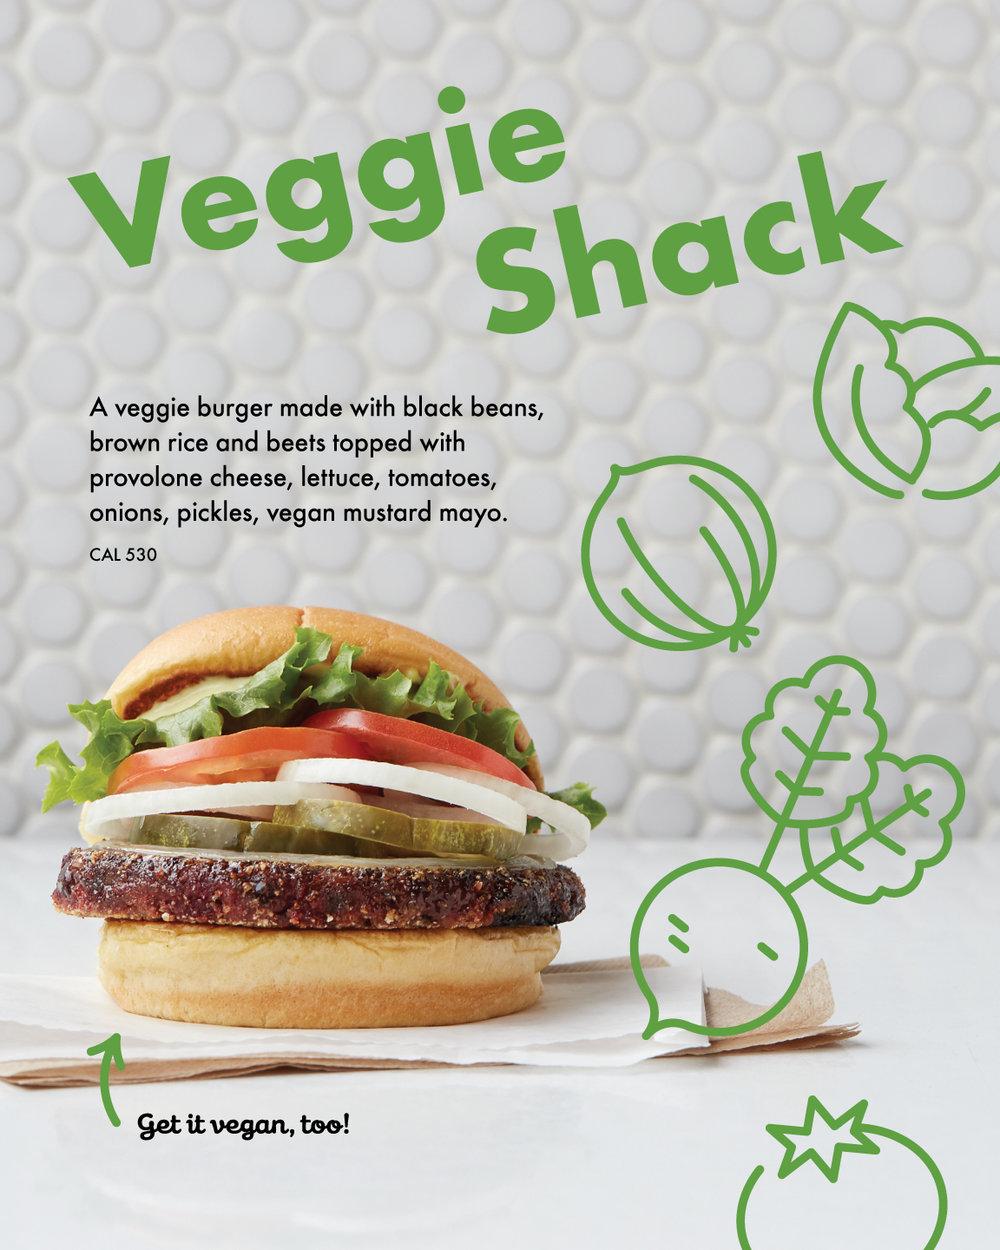 SHA_Veggie-ShackMagnet-Poster.jpg